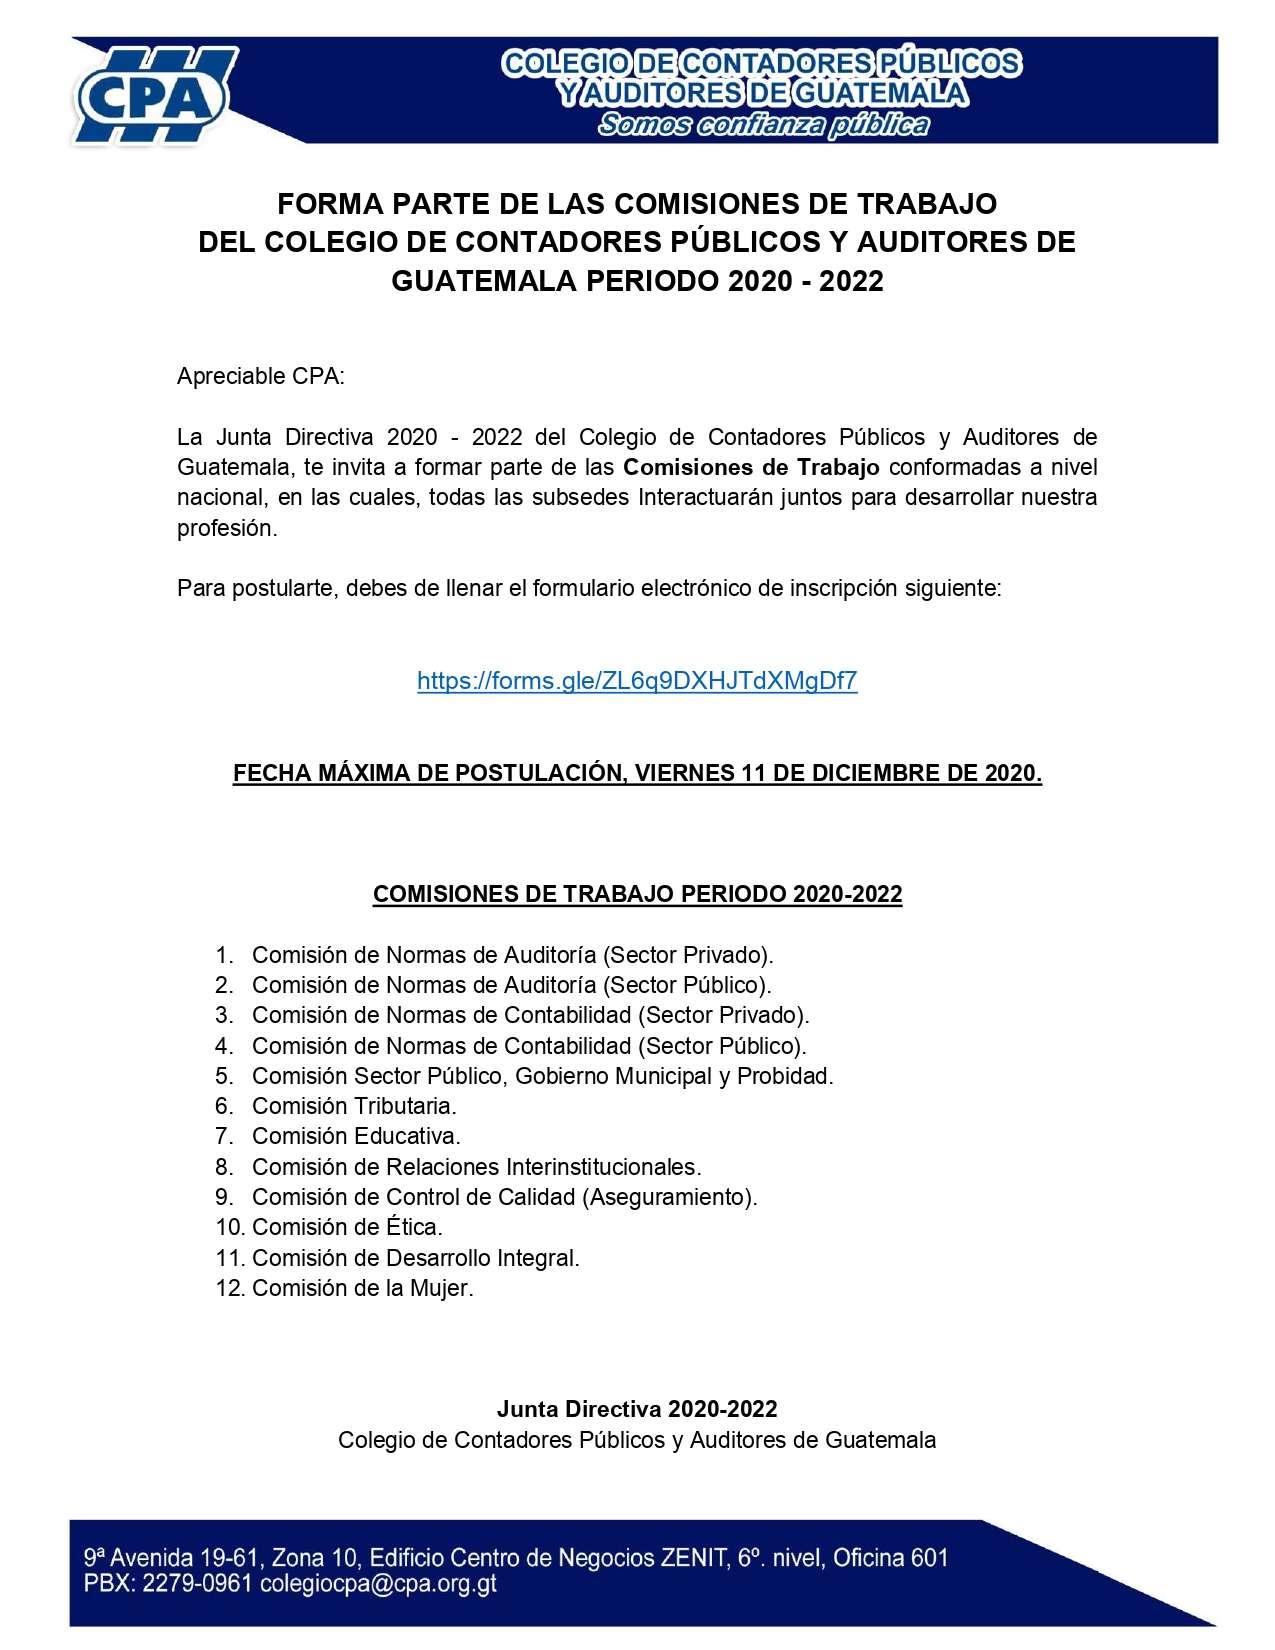 CONVOCATORIA – COMISIONES DE TRABAJO PERIODO 2020-2022